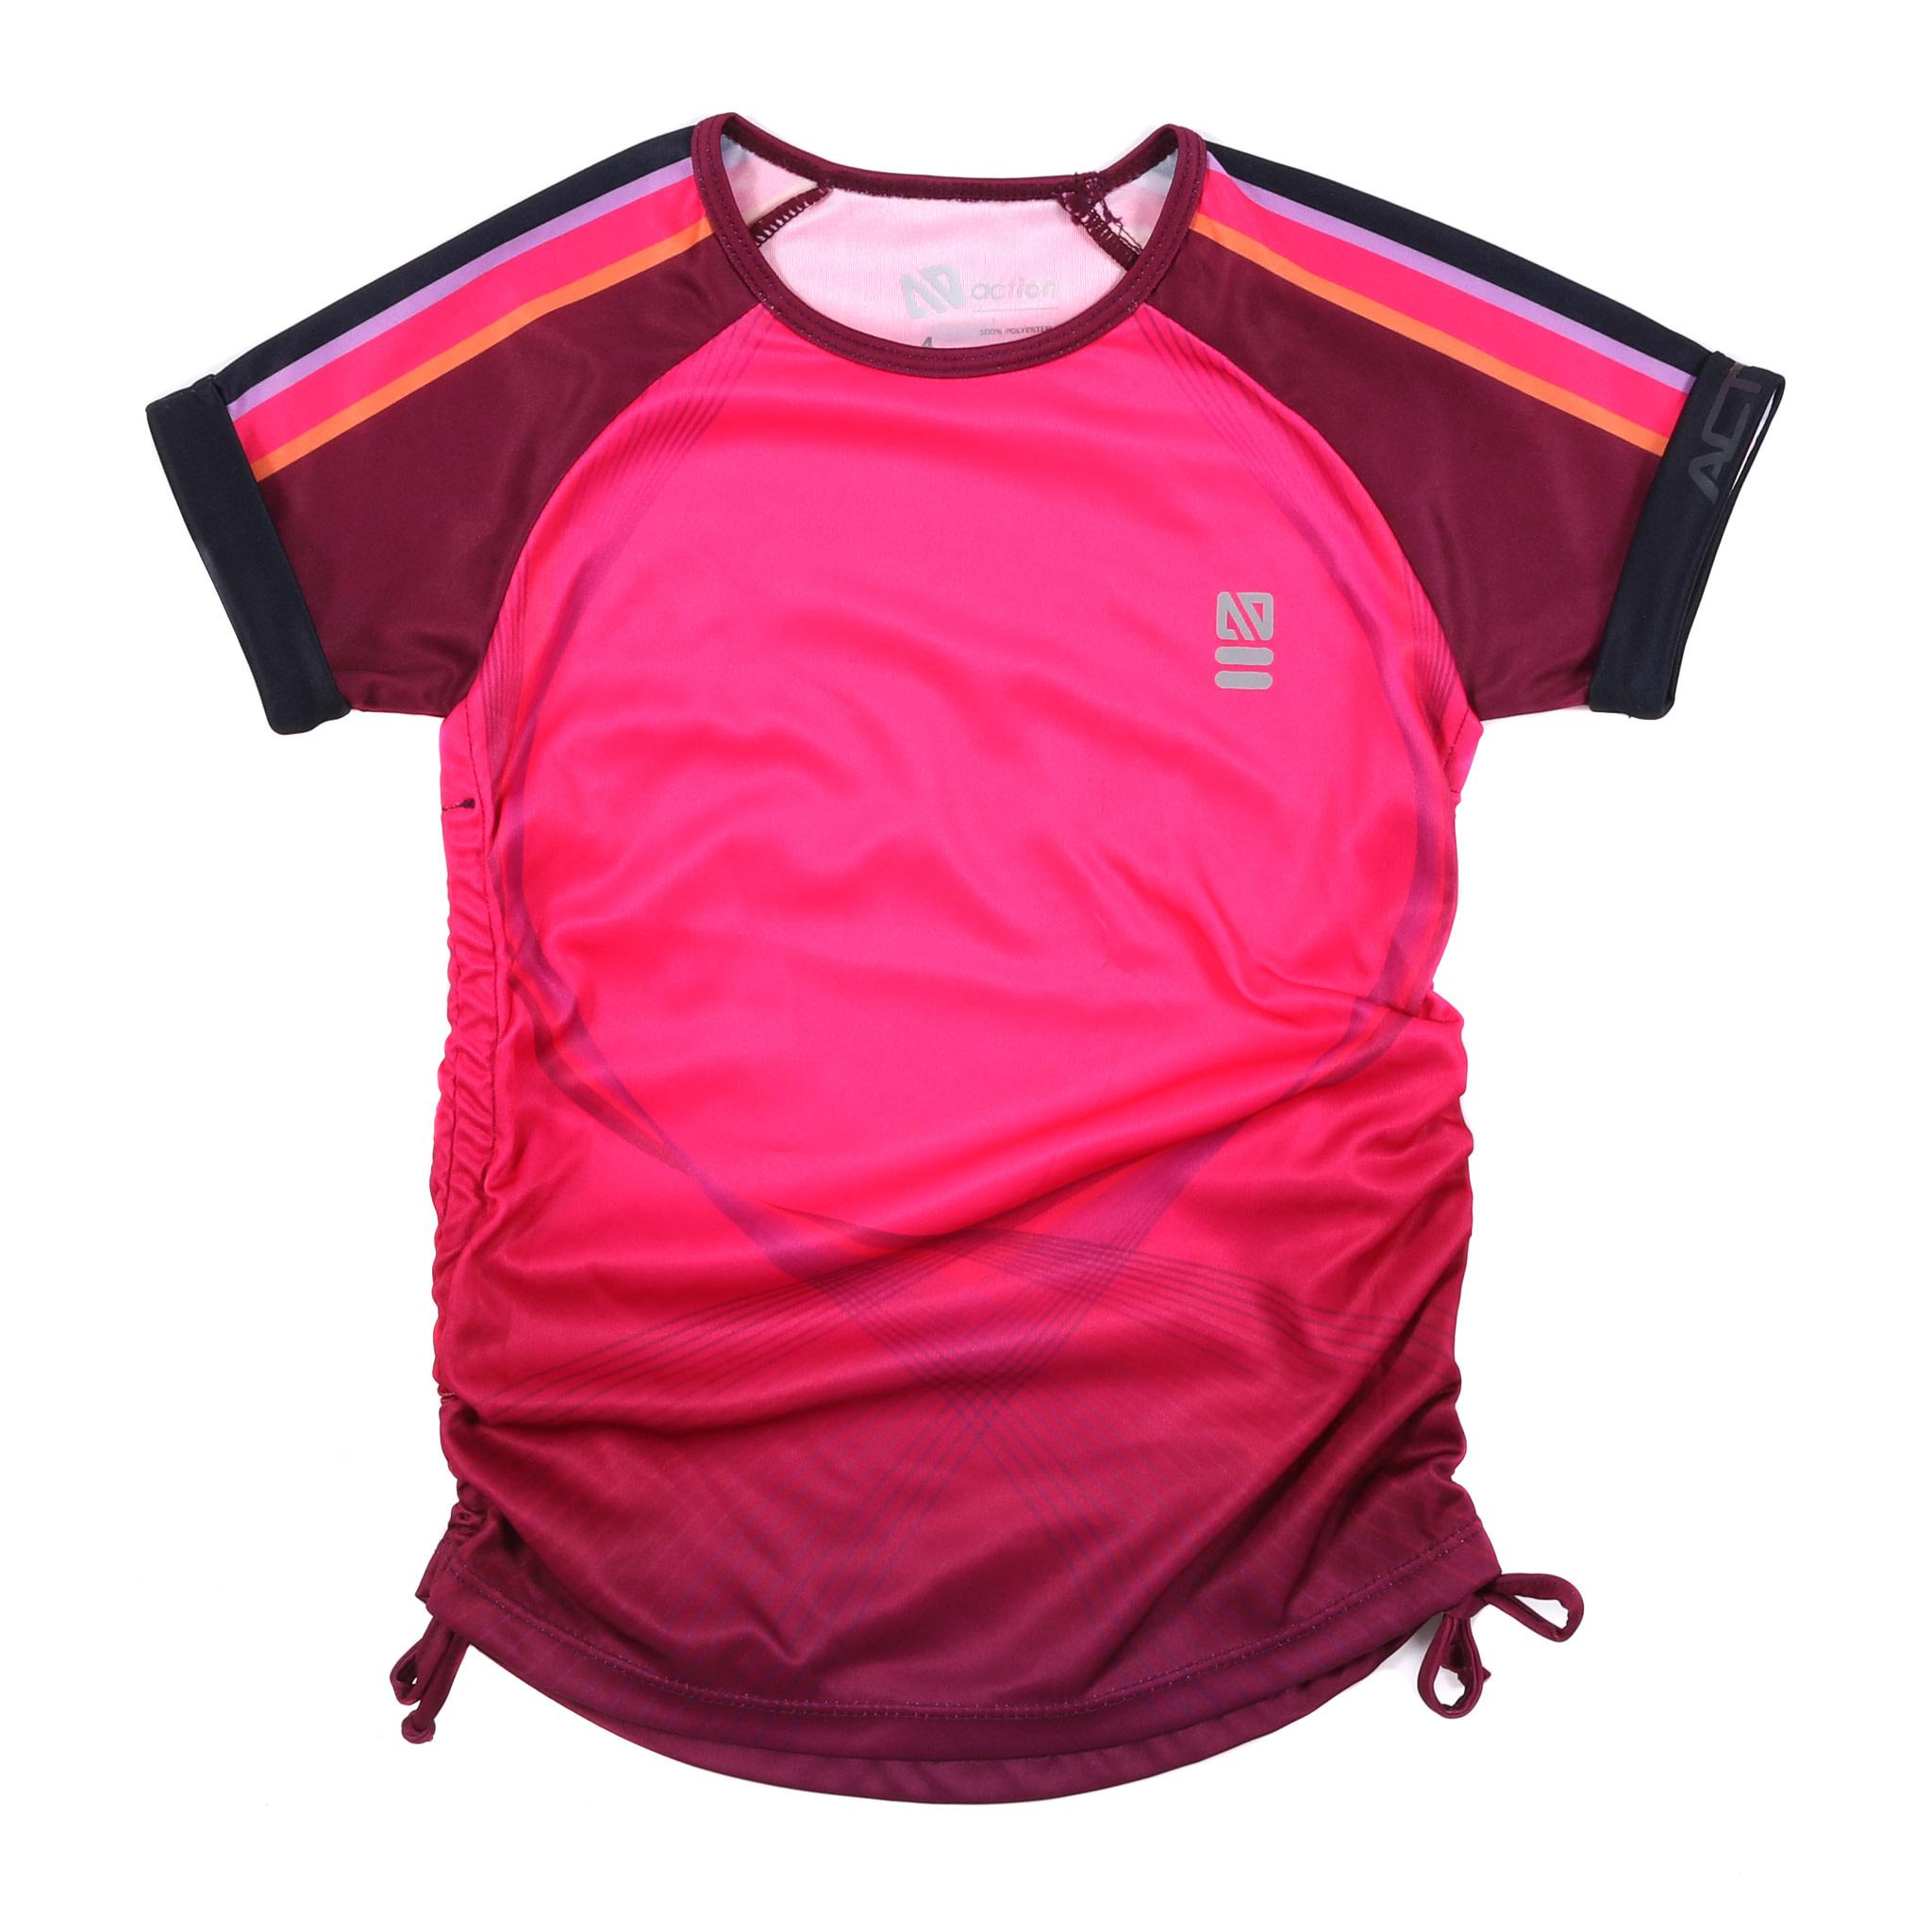 T-shirt athlétique - Sport et Chic-4